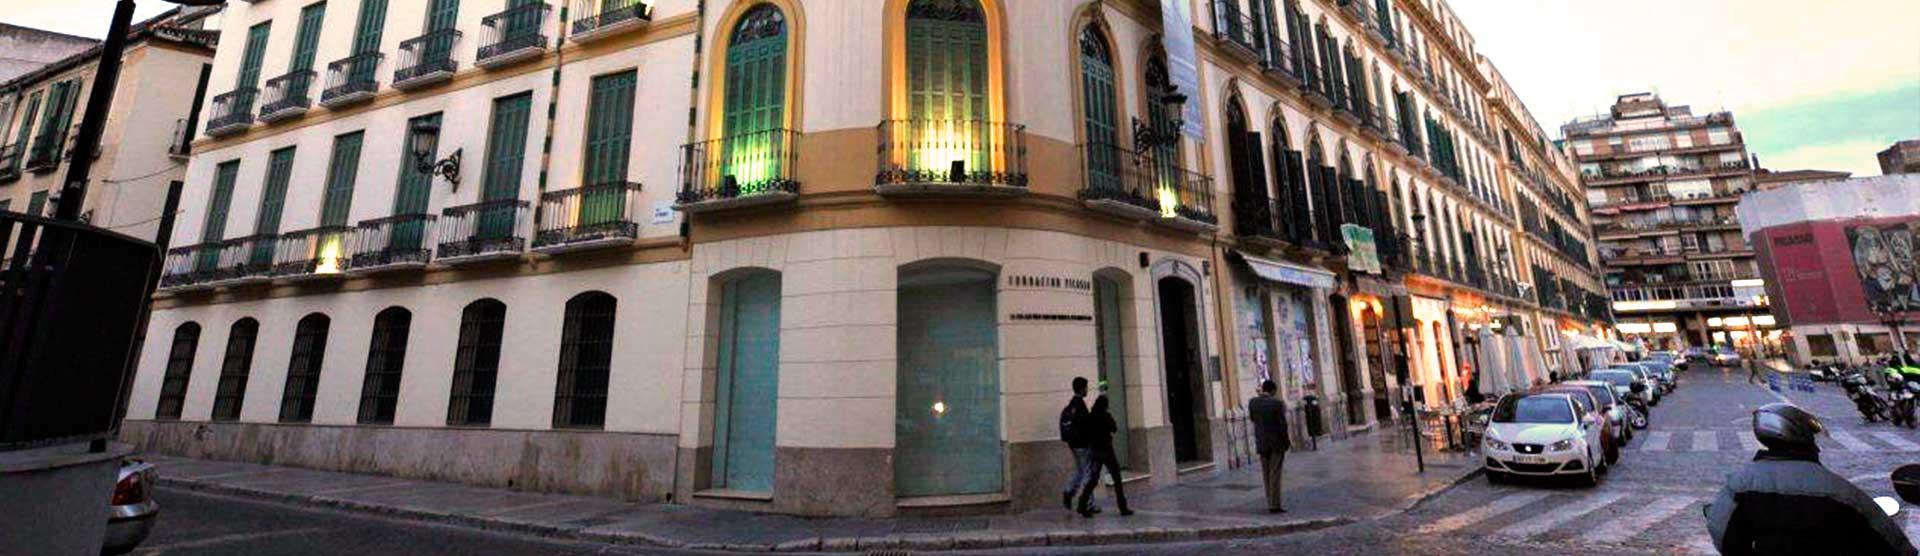 Lugares que visitar en m laga excursiones museos - Casa natal de picasso ...